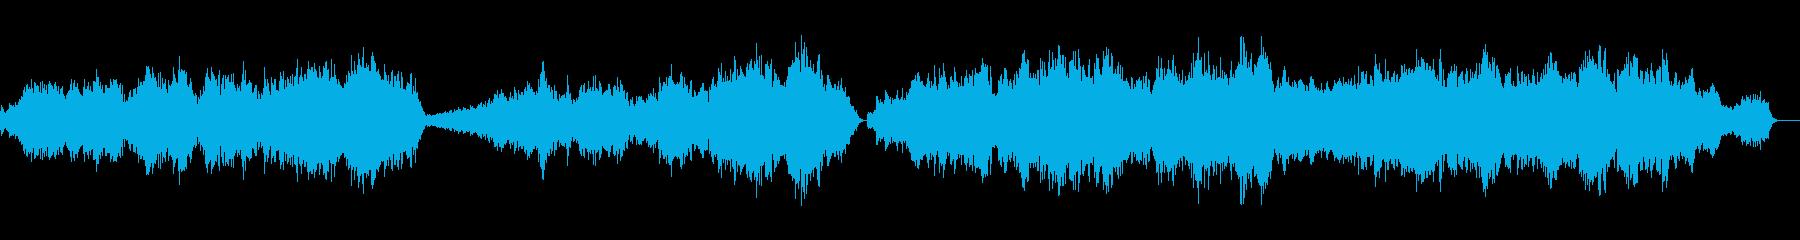 G線上のアリアのオーケストラの再生済みの波形